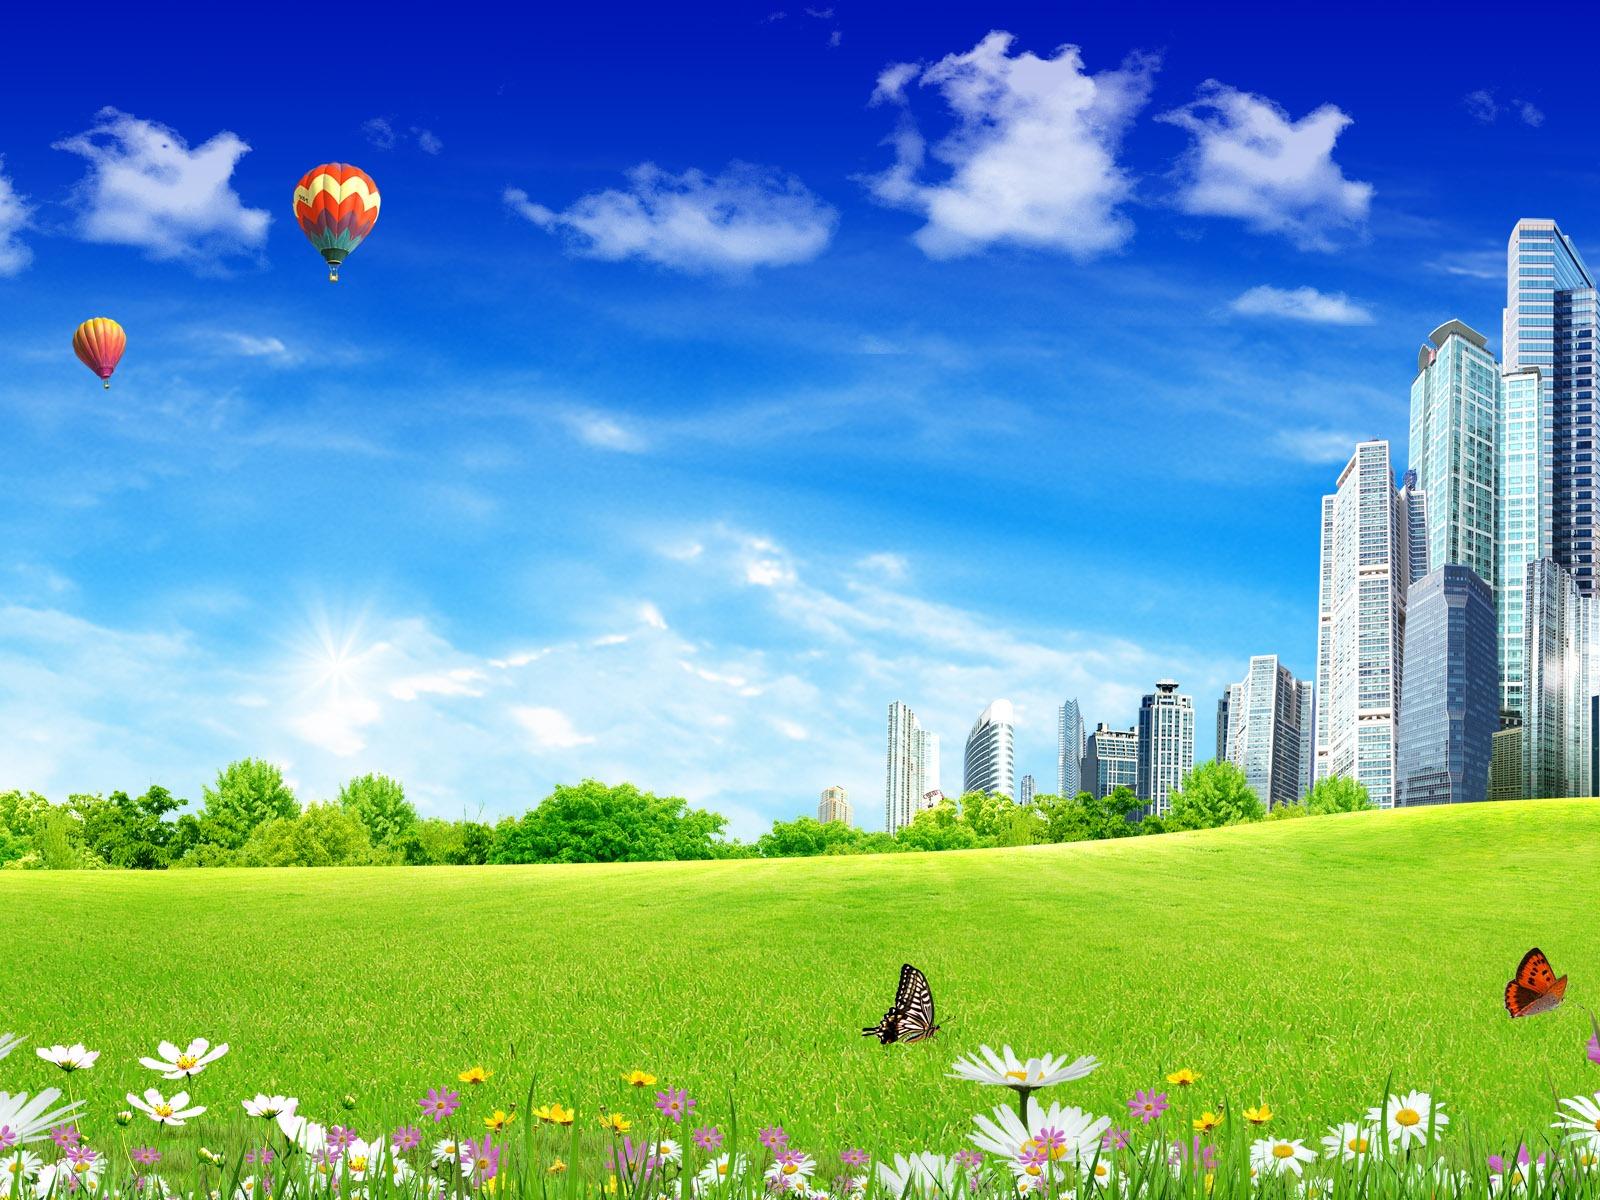 Photoshop fondos de escritorio de paisaje soleado de verano 2 15 1600x1200 fondos de - Fondos de escritorio verano ...